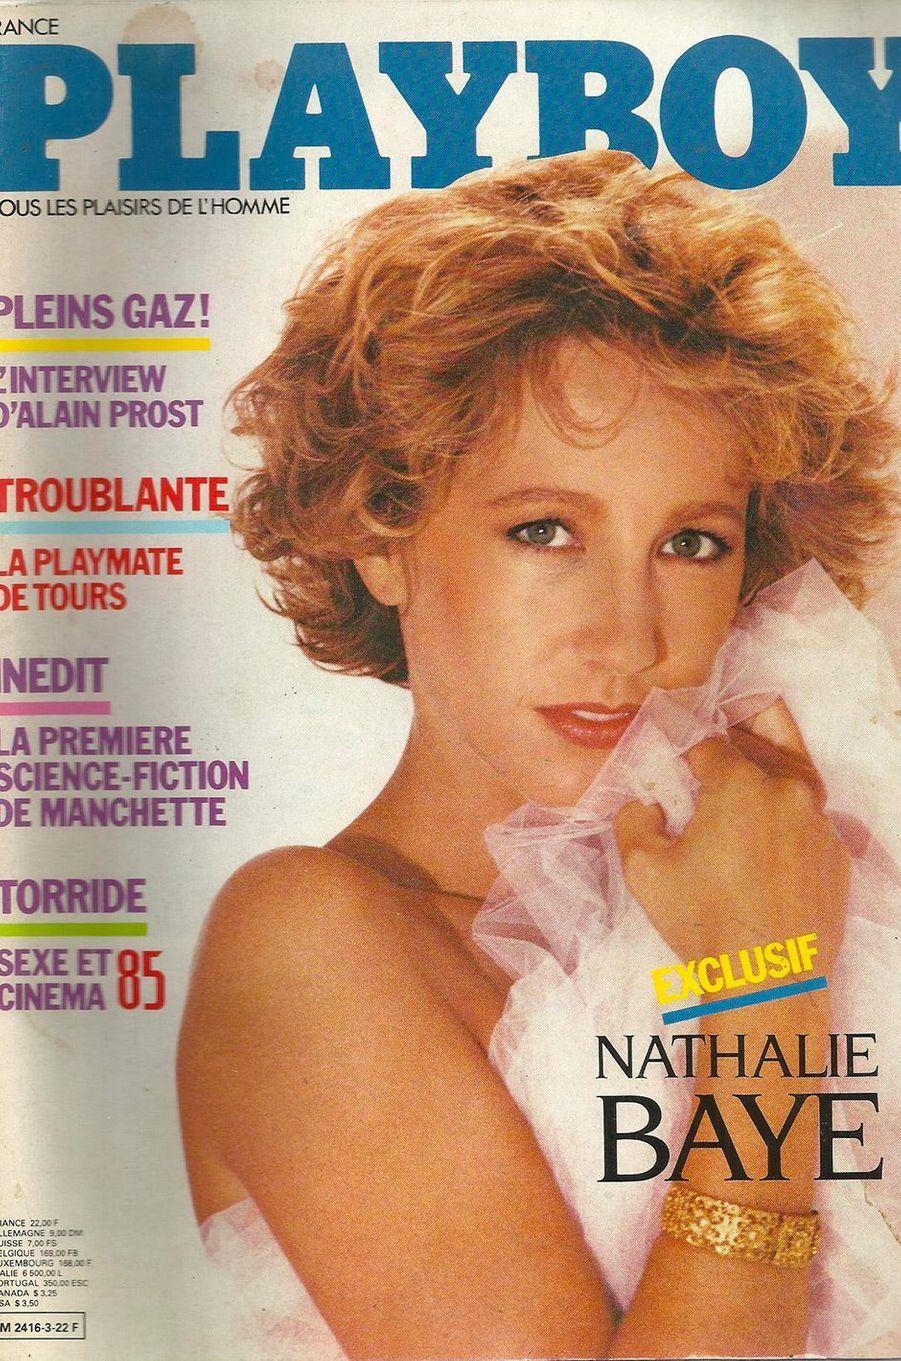 Nathalie Bayeen couverture de Playboy